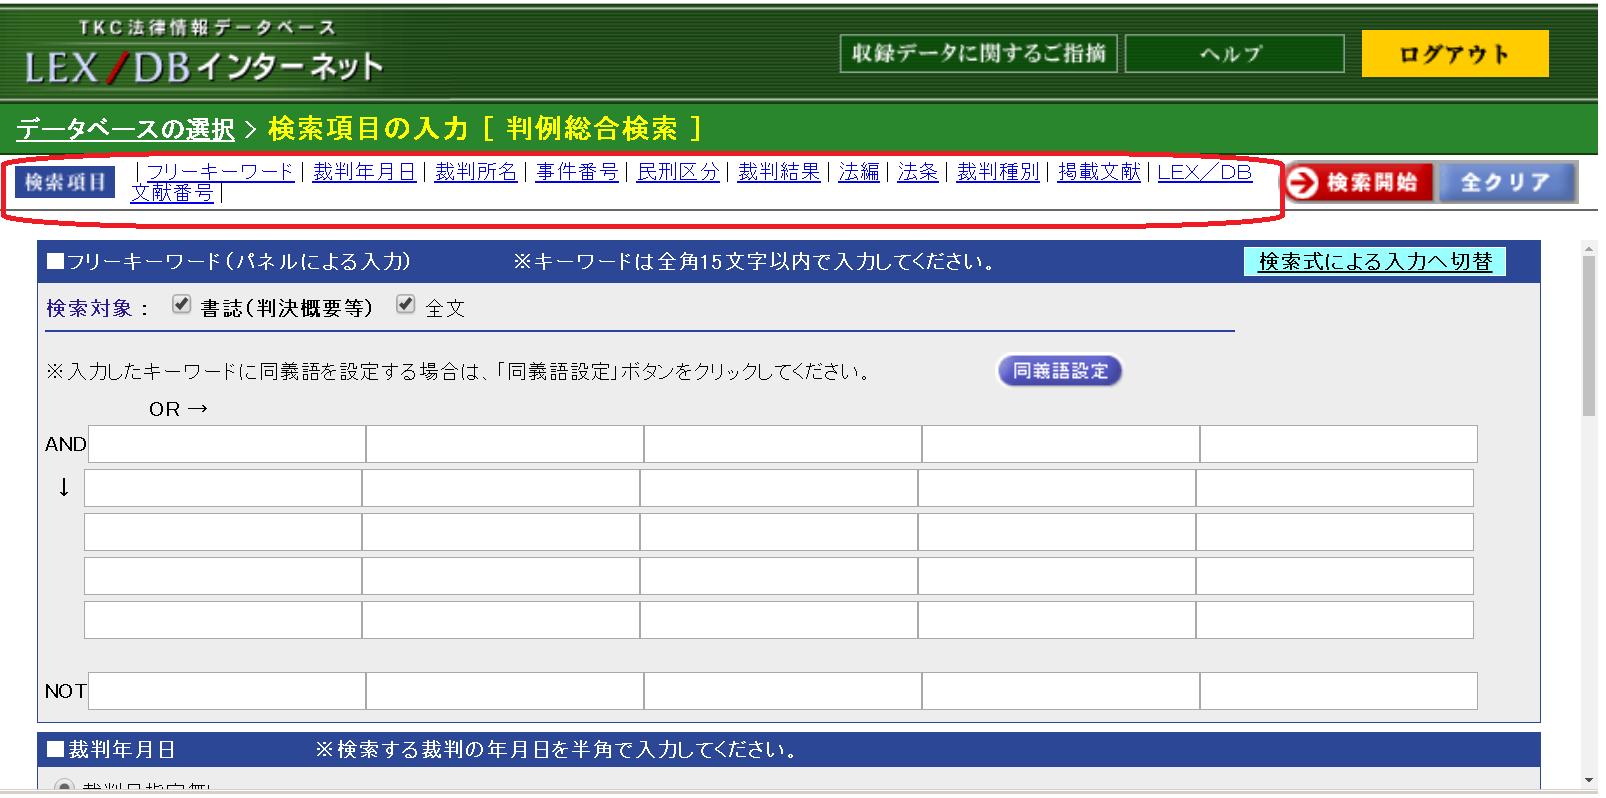 履歴 データベース 履修